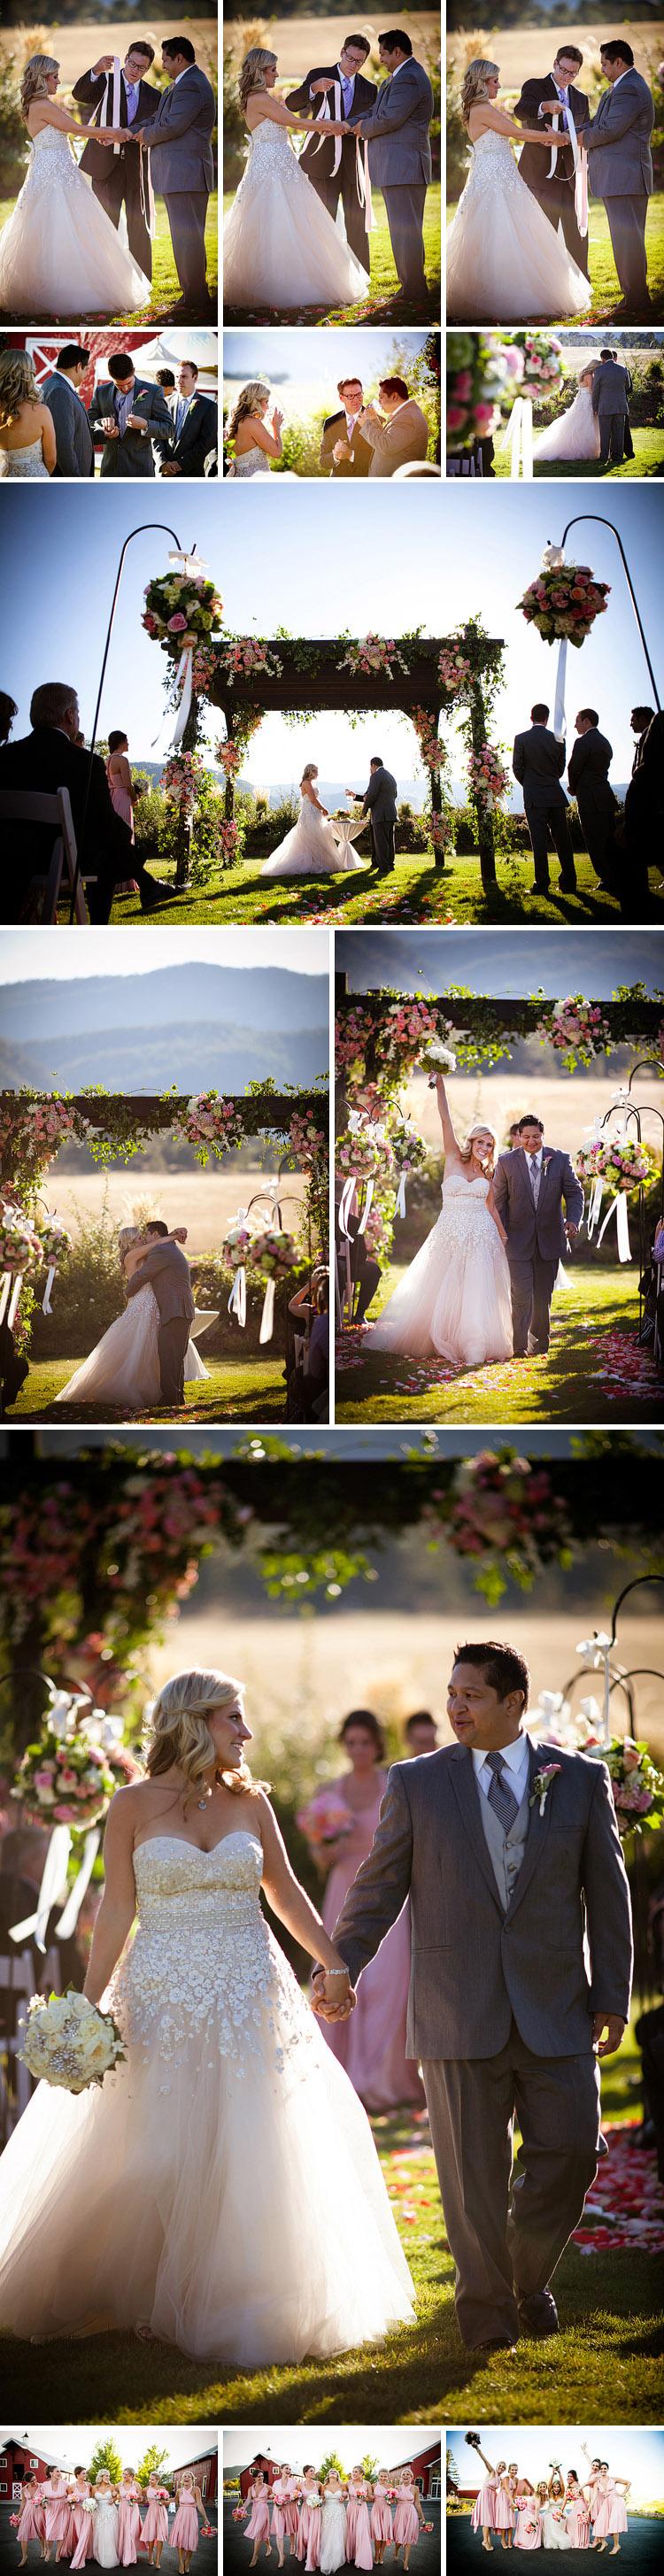 Colorado Wedding, Crooked Willow Farms #colorado #coloradowedding #crookedwillowfarms www.paigeeden.com